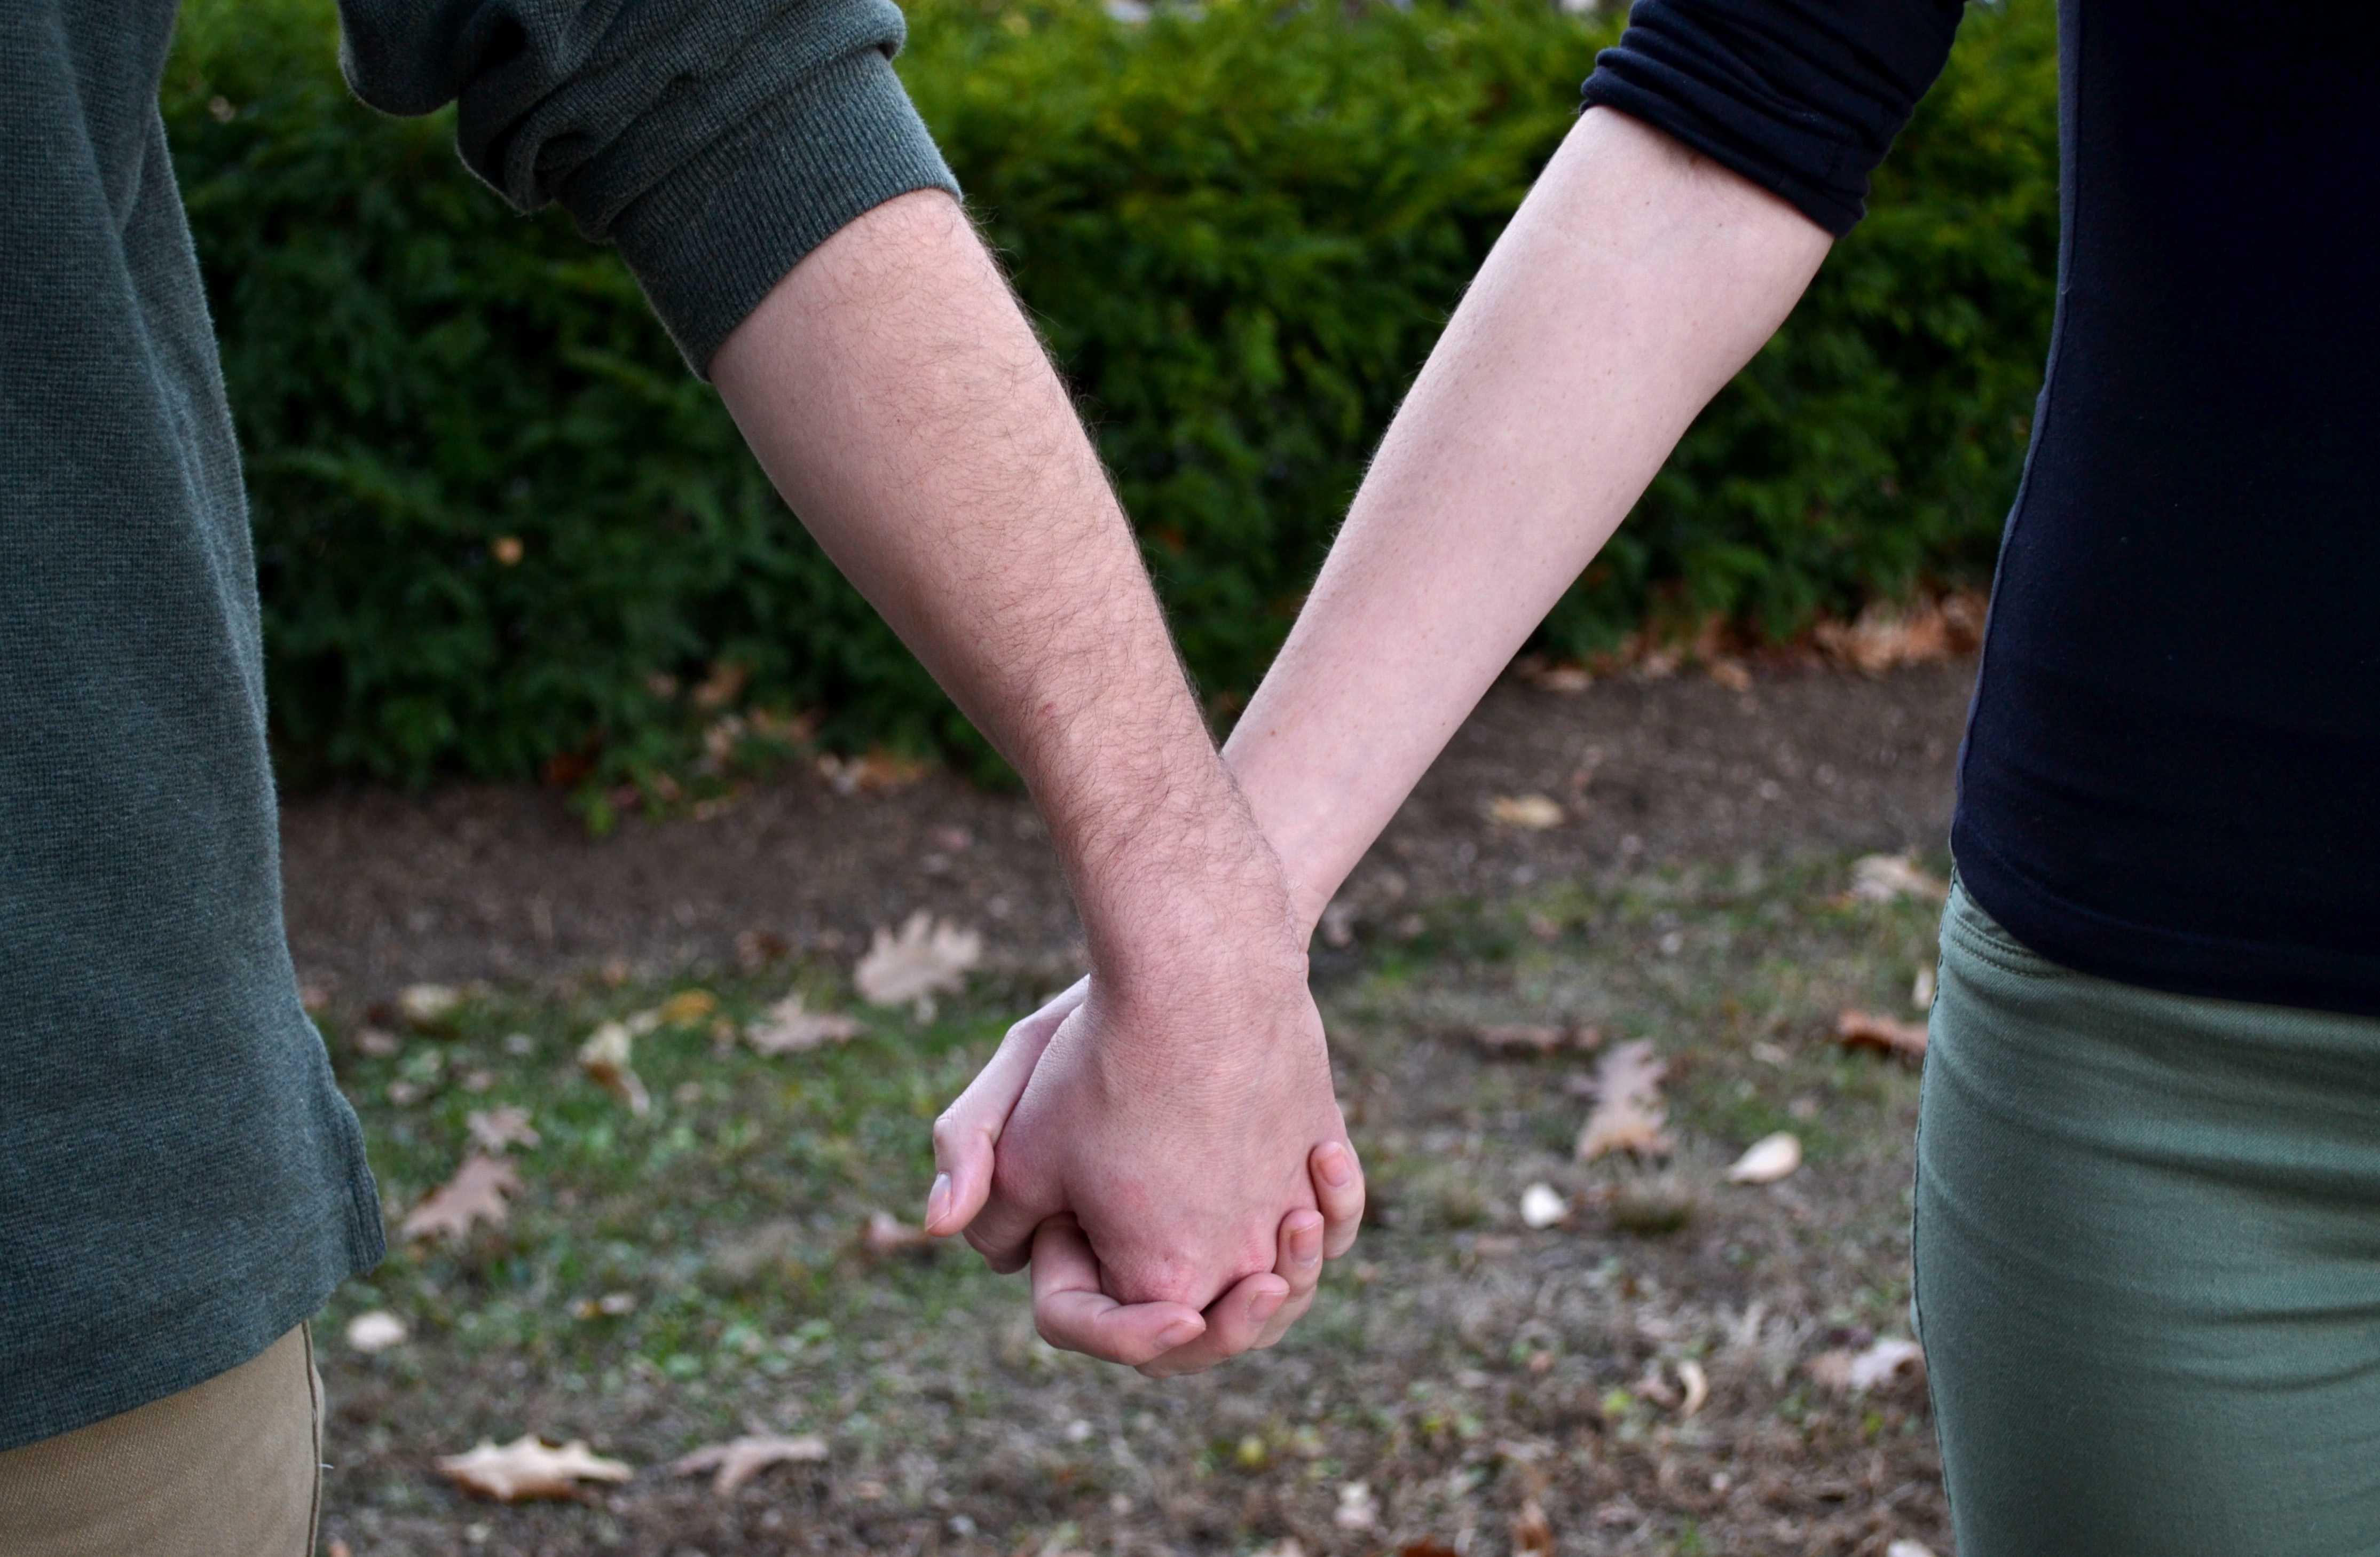 umass amherst dating